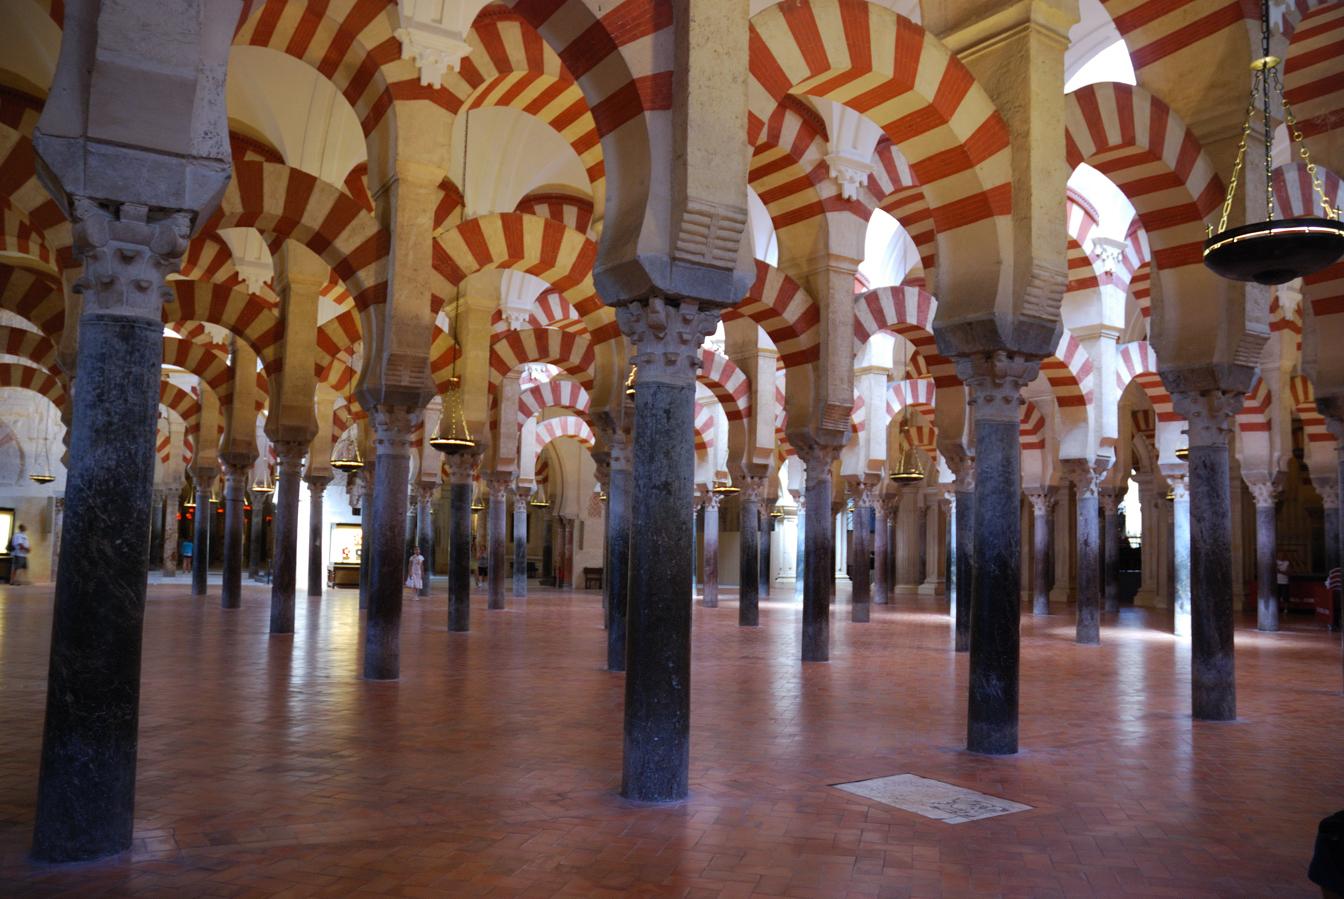 C rdoba catedral mezquita de c rdoba damadenegro for Interior mezquita de cordoba